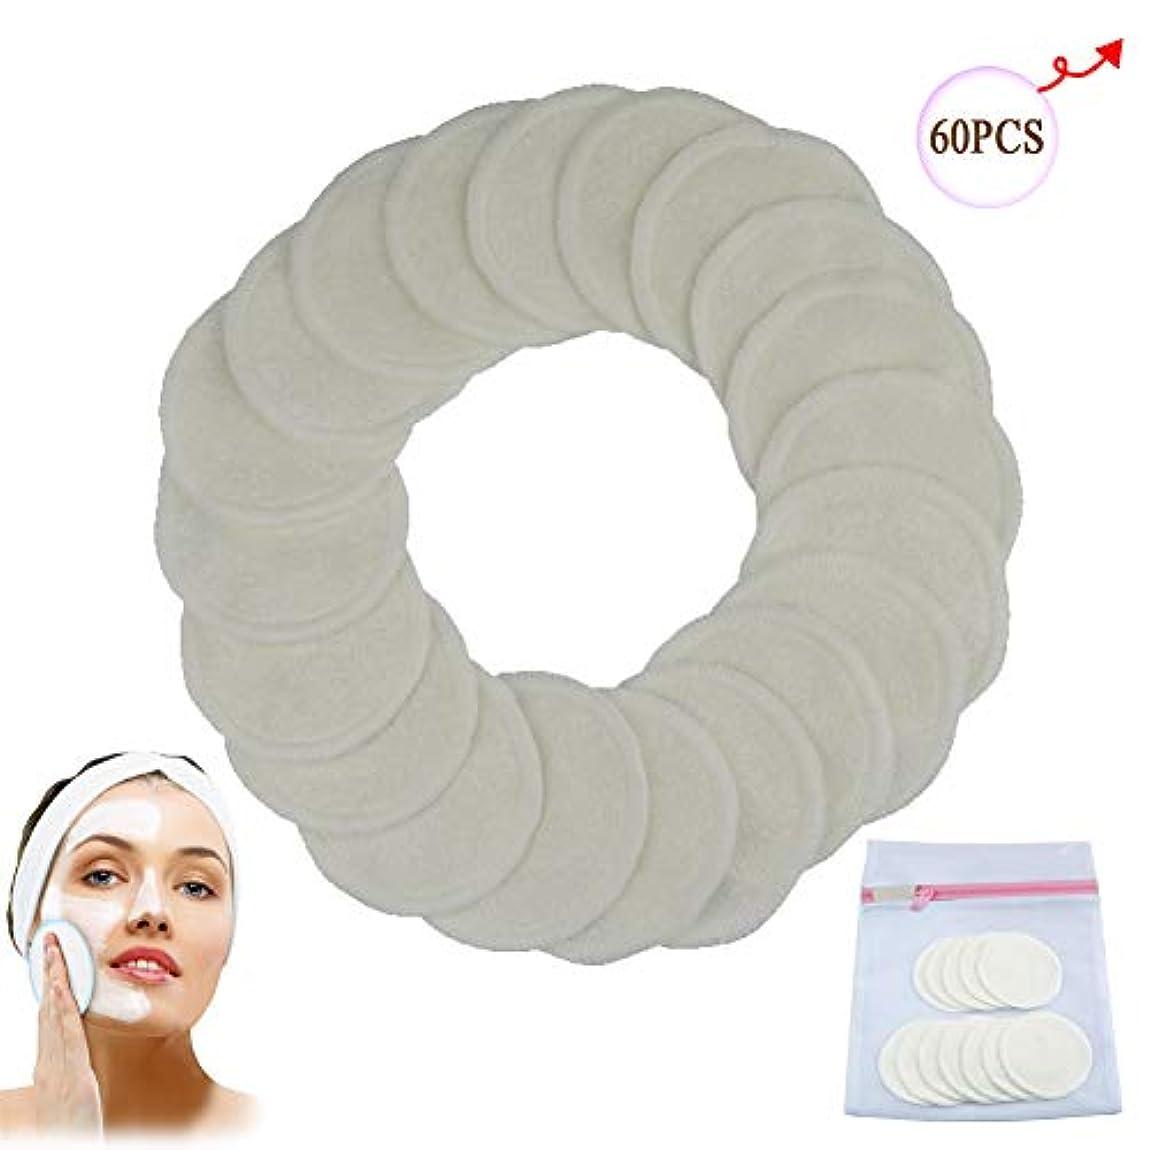 平和的ディーラーロールリムーバーパッド、再利用可能な2層の竹繊維の綿パッド、洗えるワイプソフトと快適なランドリーバッグ用女性フェイス/アイ/リップ,60PCS